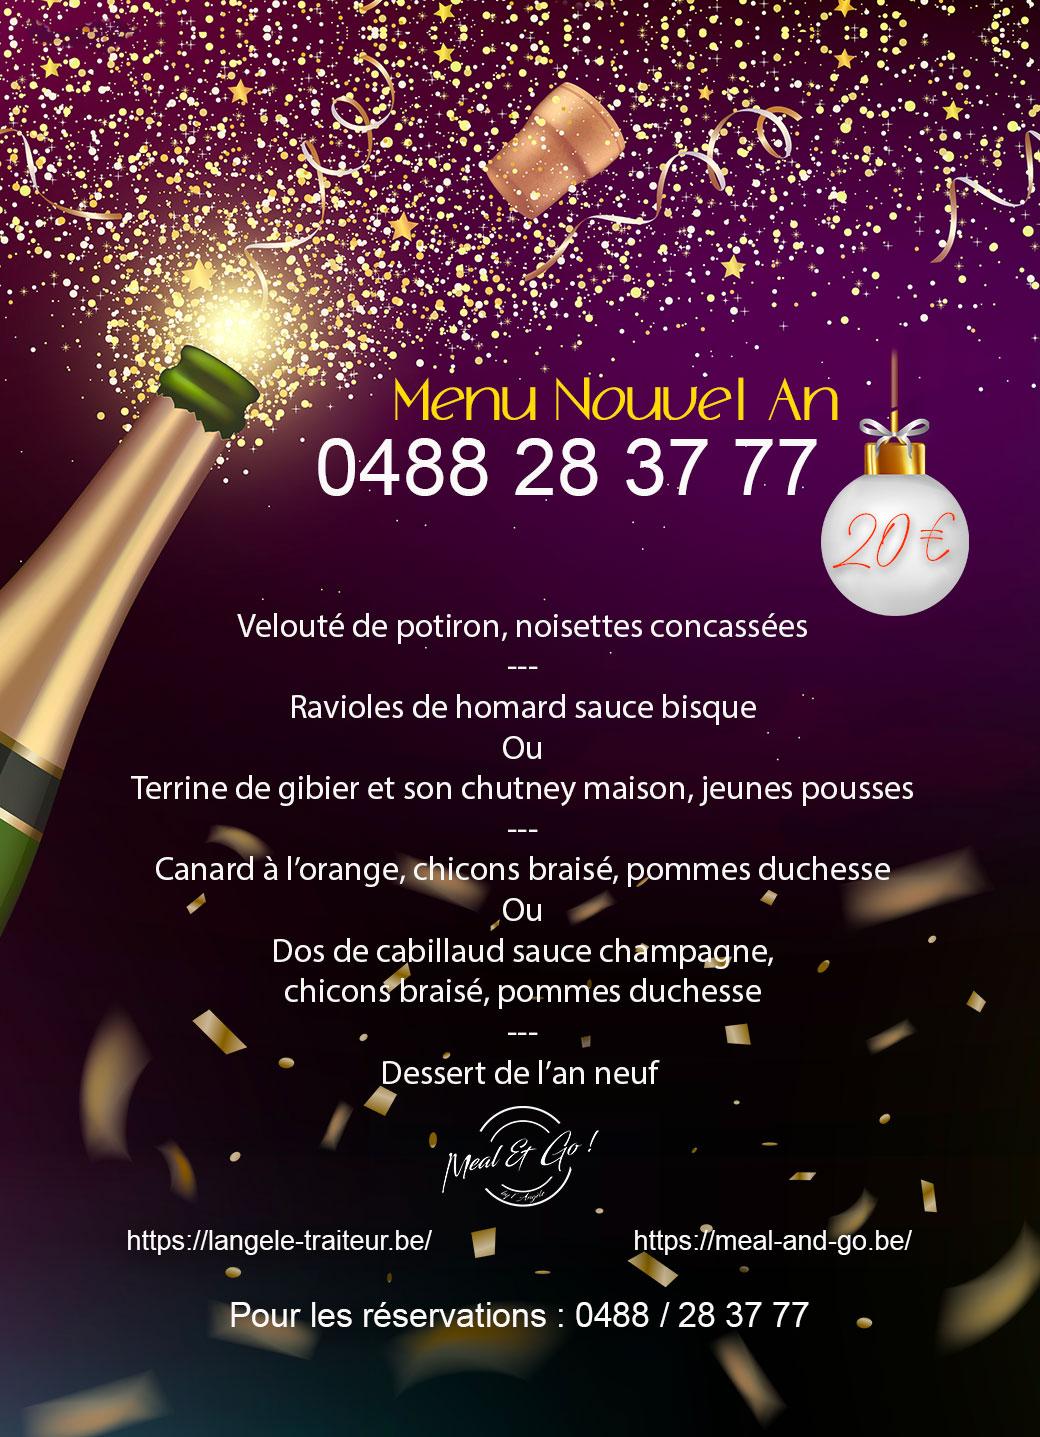 Menu de Nouvel-An Meal and go à Namur